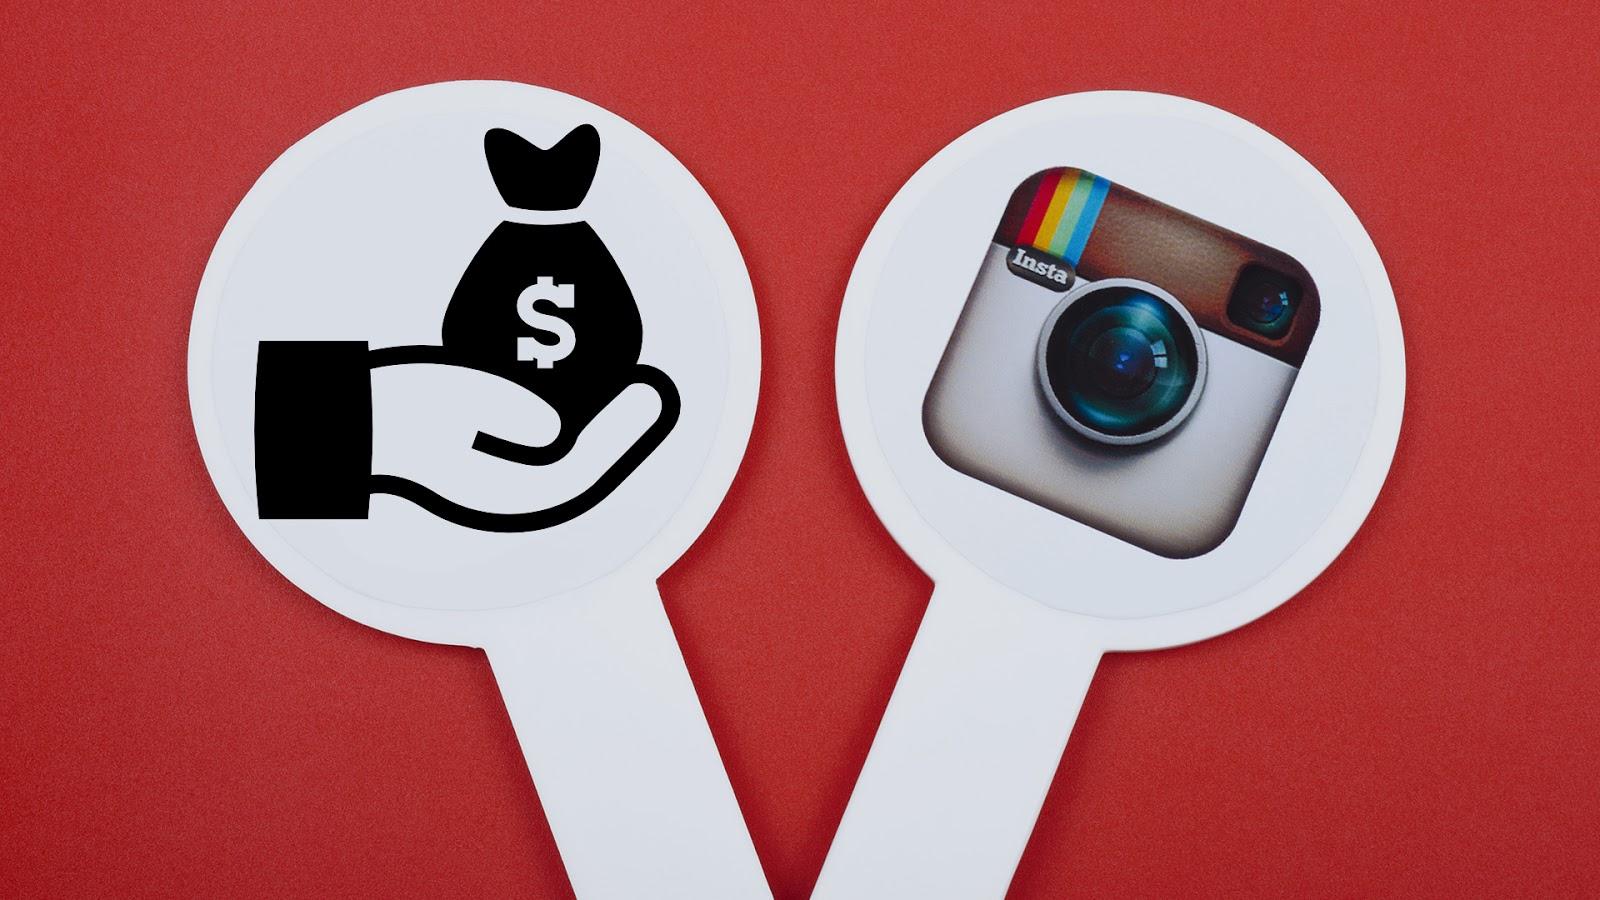 Как сделать аватарку в инстаграм в виде надписи8